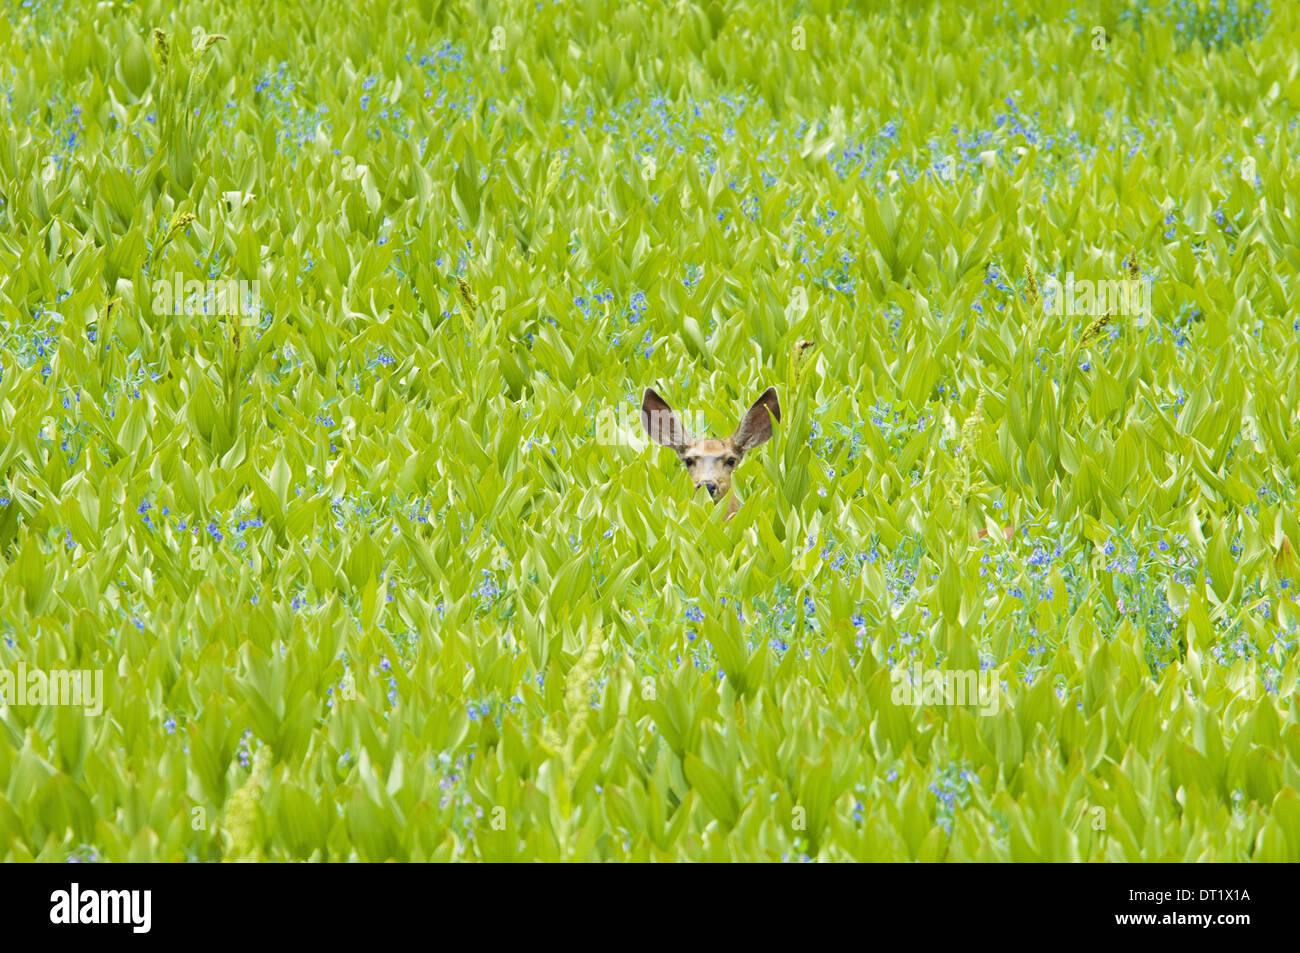 Un cerf mulet se cachant dans un champ de fleurs sauvages et de plantes false hellebore oreilles visible Photo Stock